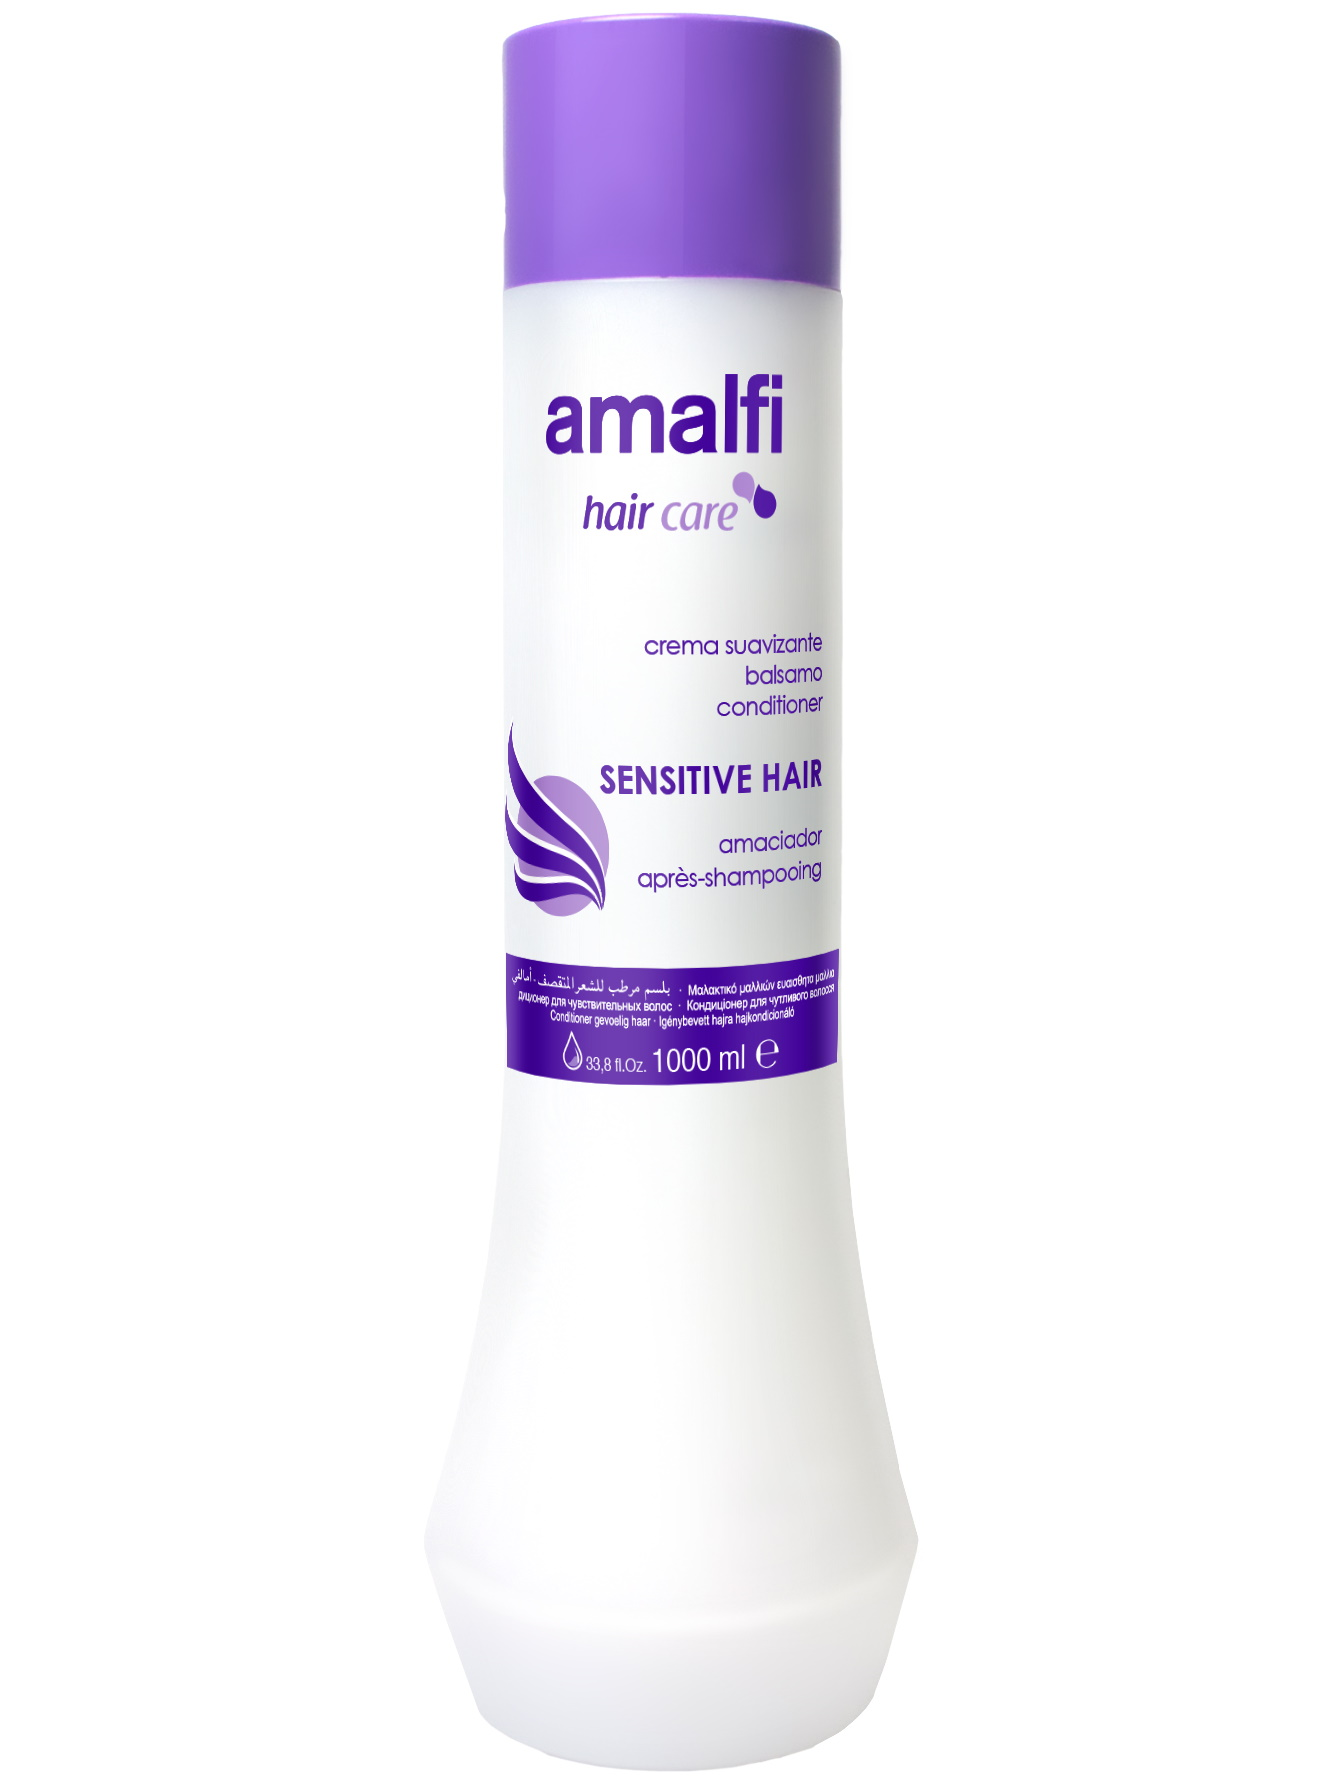 Кондиционер для ухода за волосами AMALFI sensitive hair 1000 мл, Amalfy  - Купить